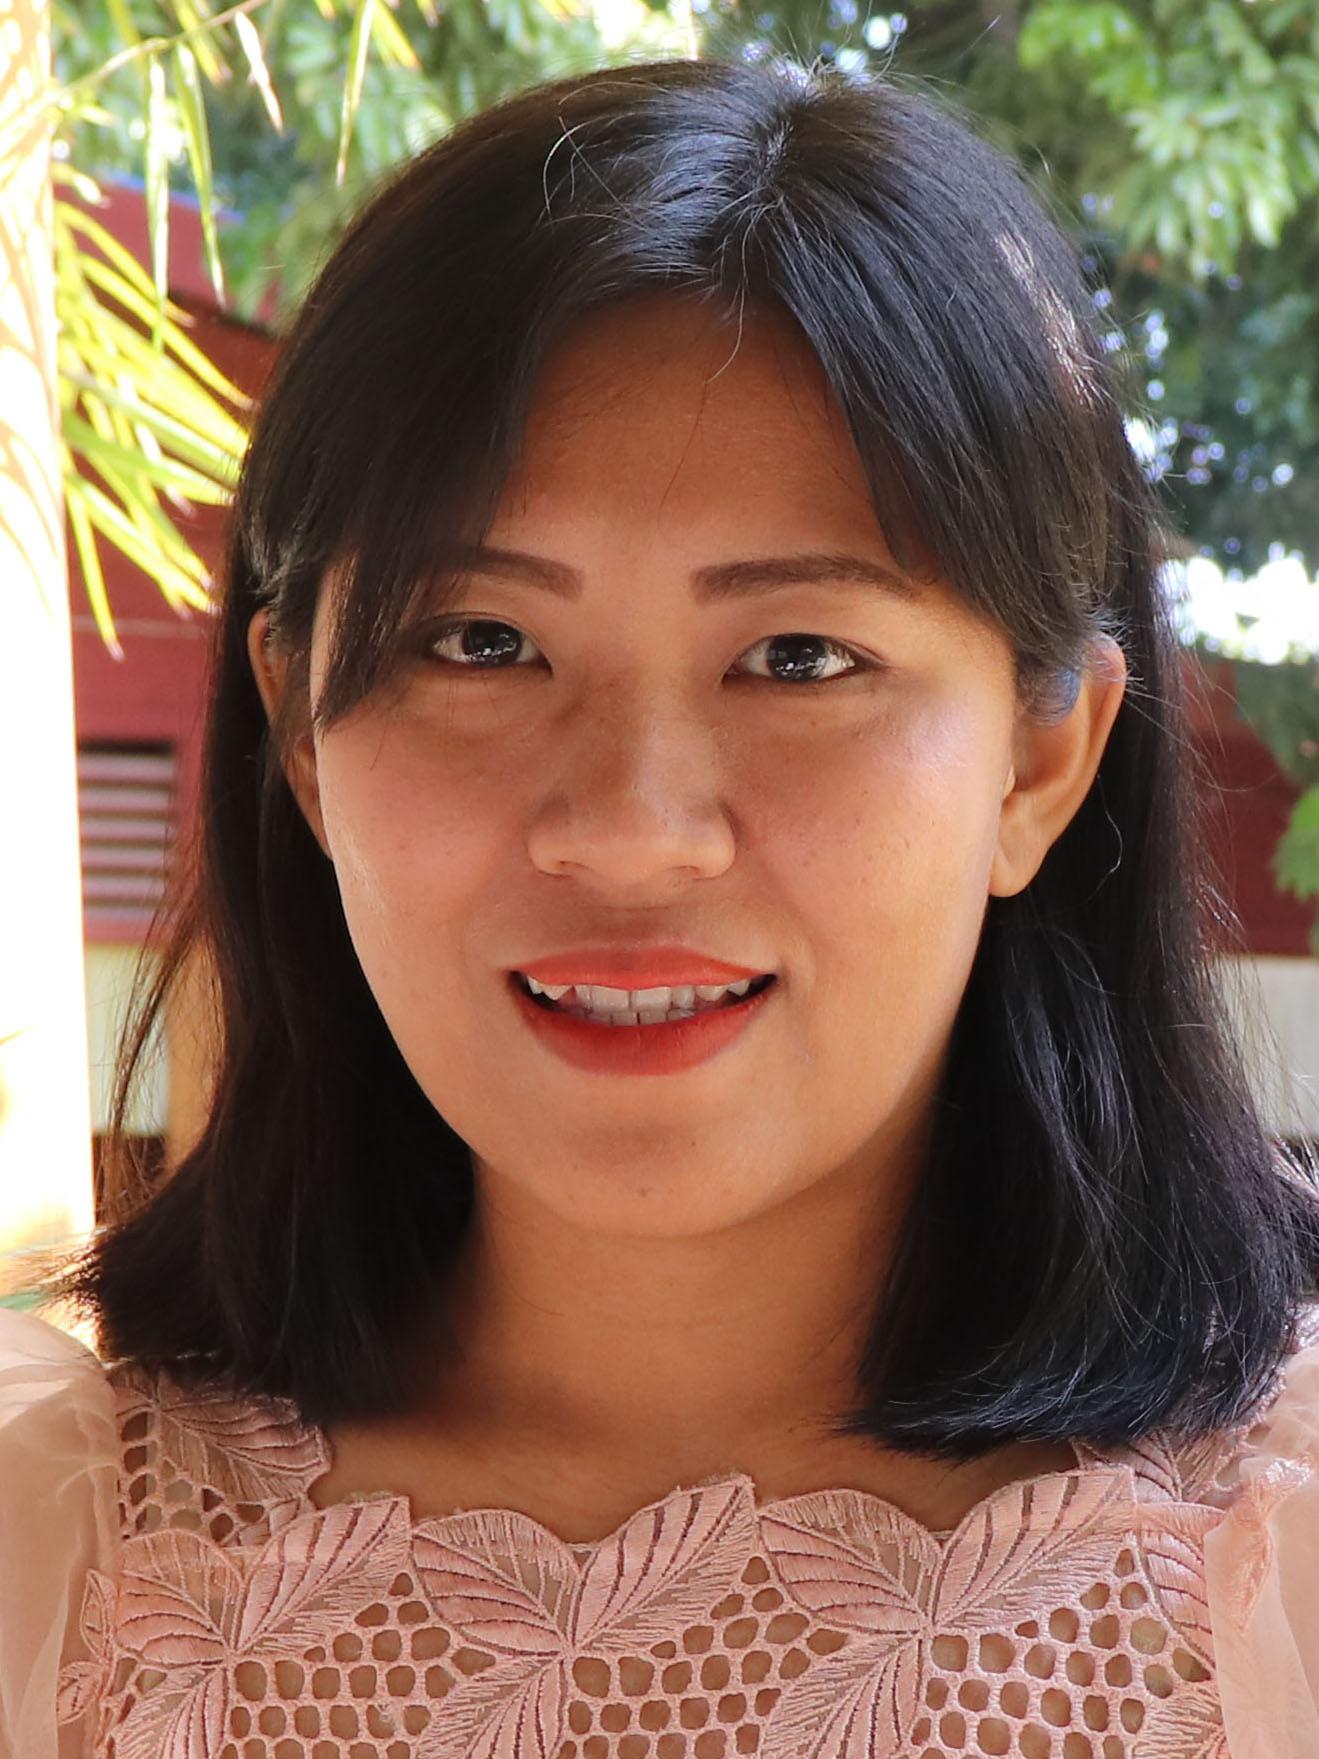 Marip Seng Hkawn